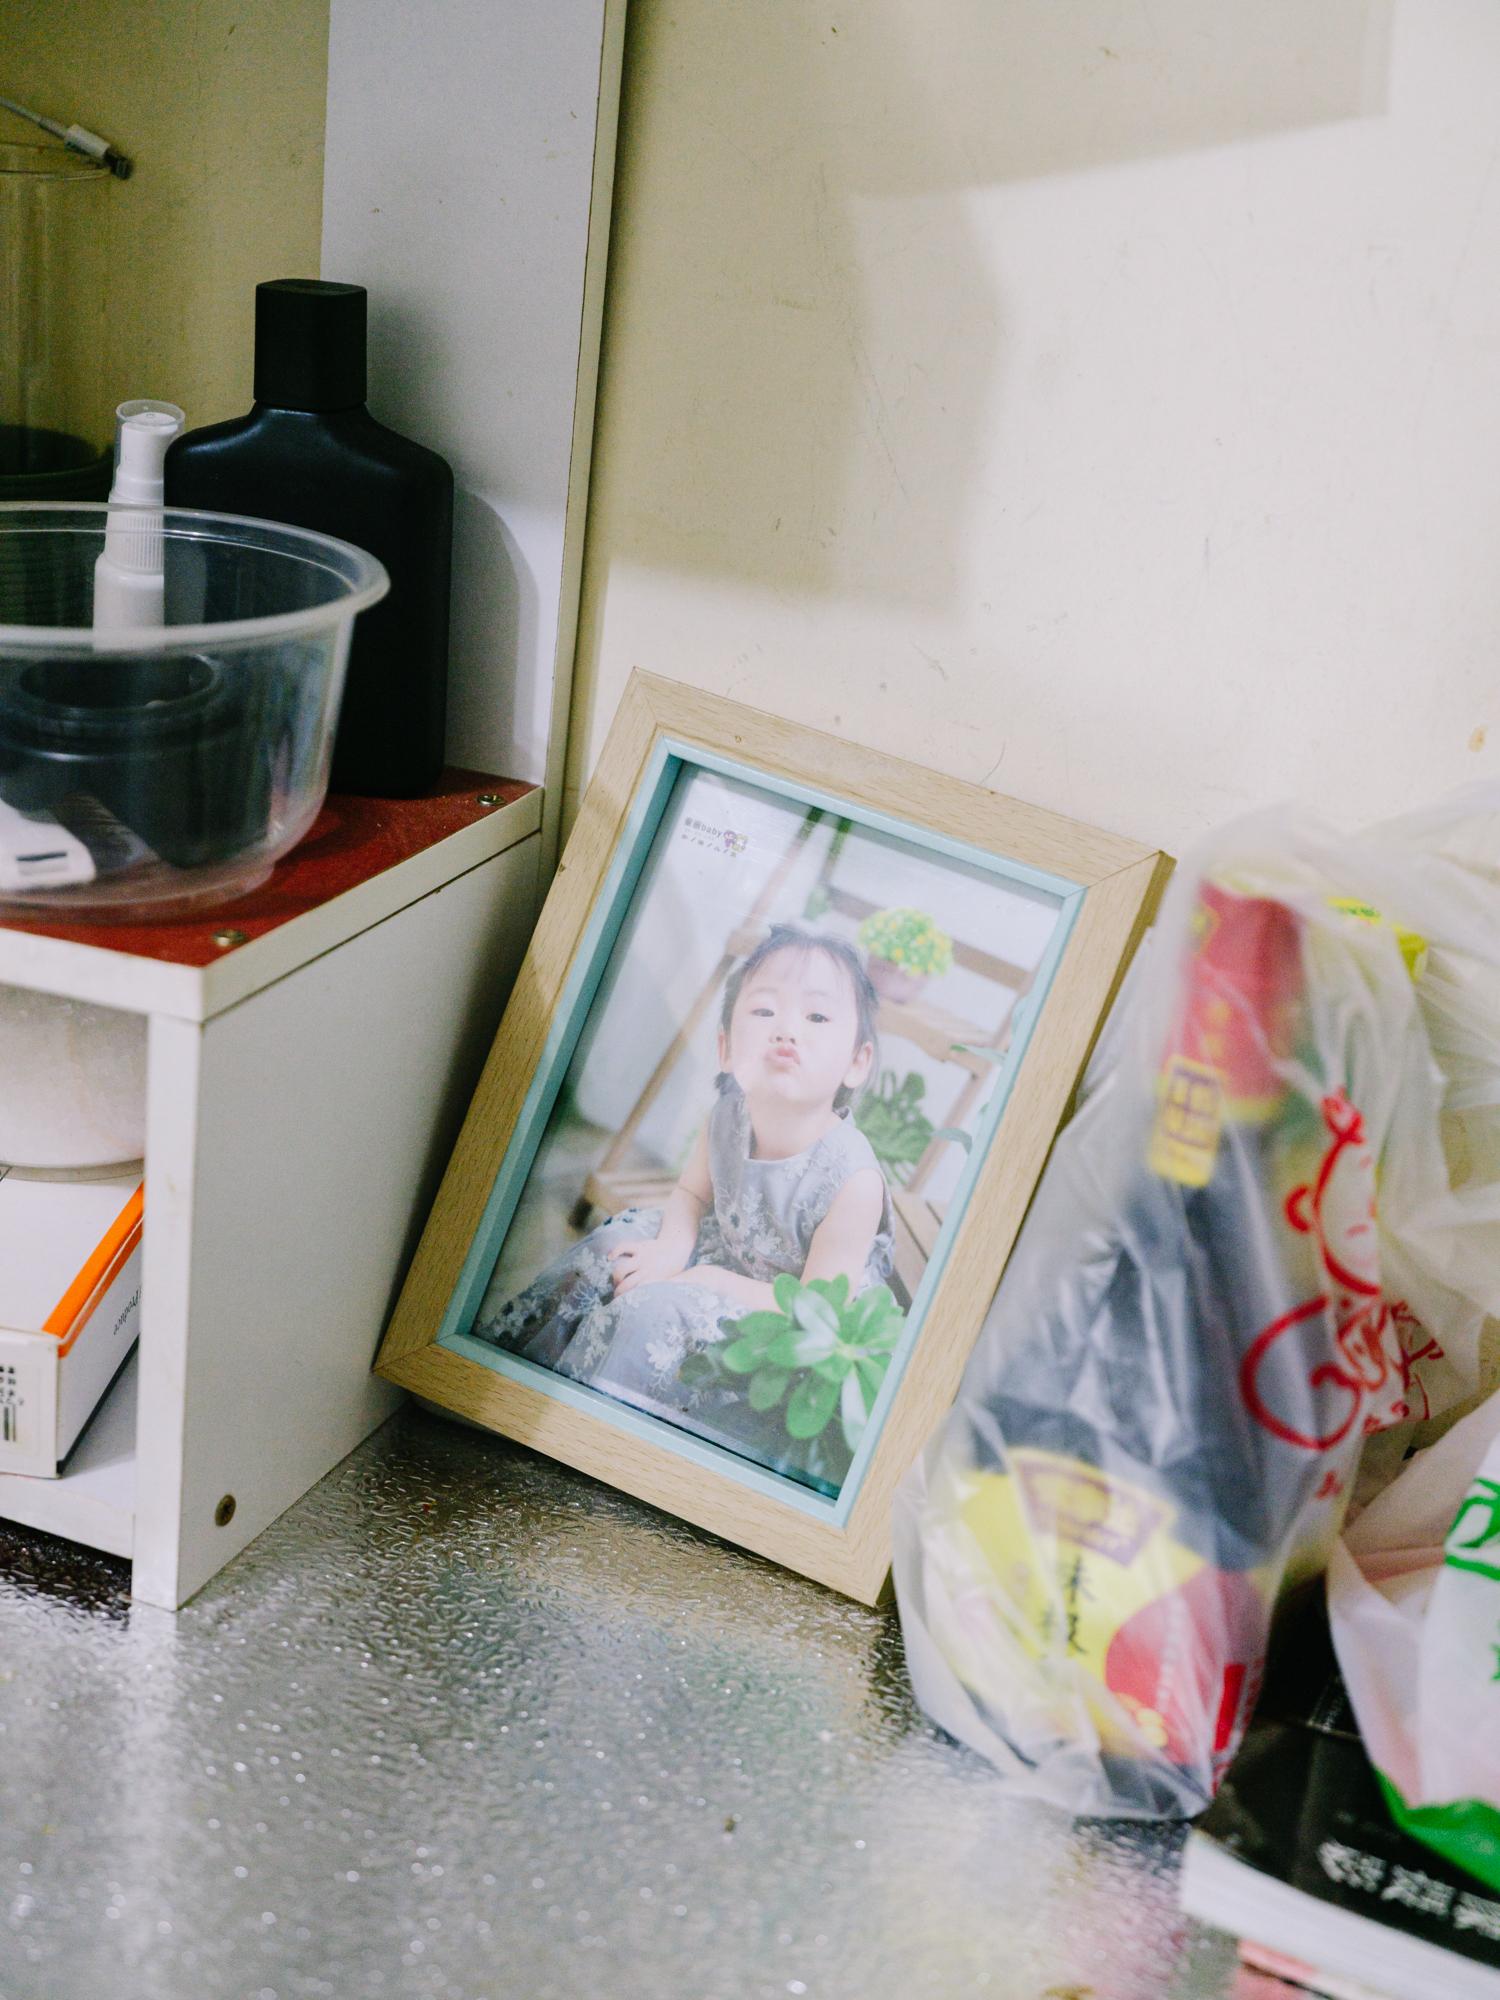 邵尚磊房间摆着女儿的照片。